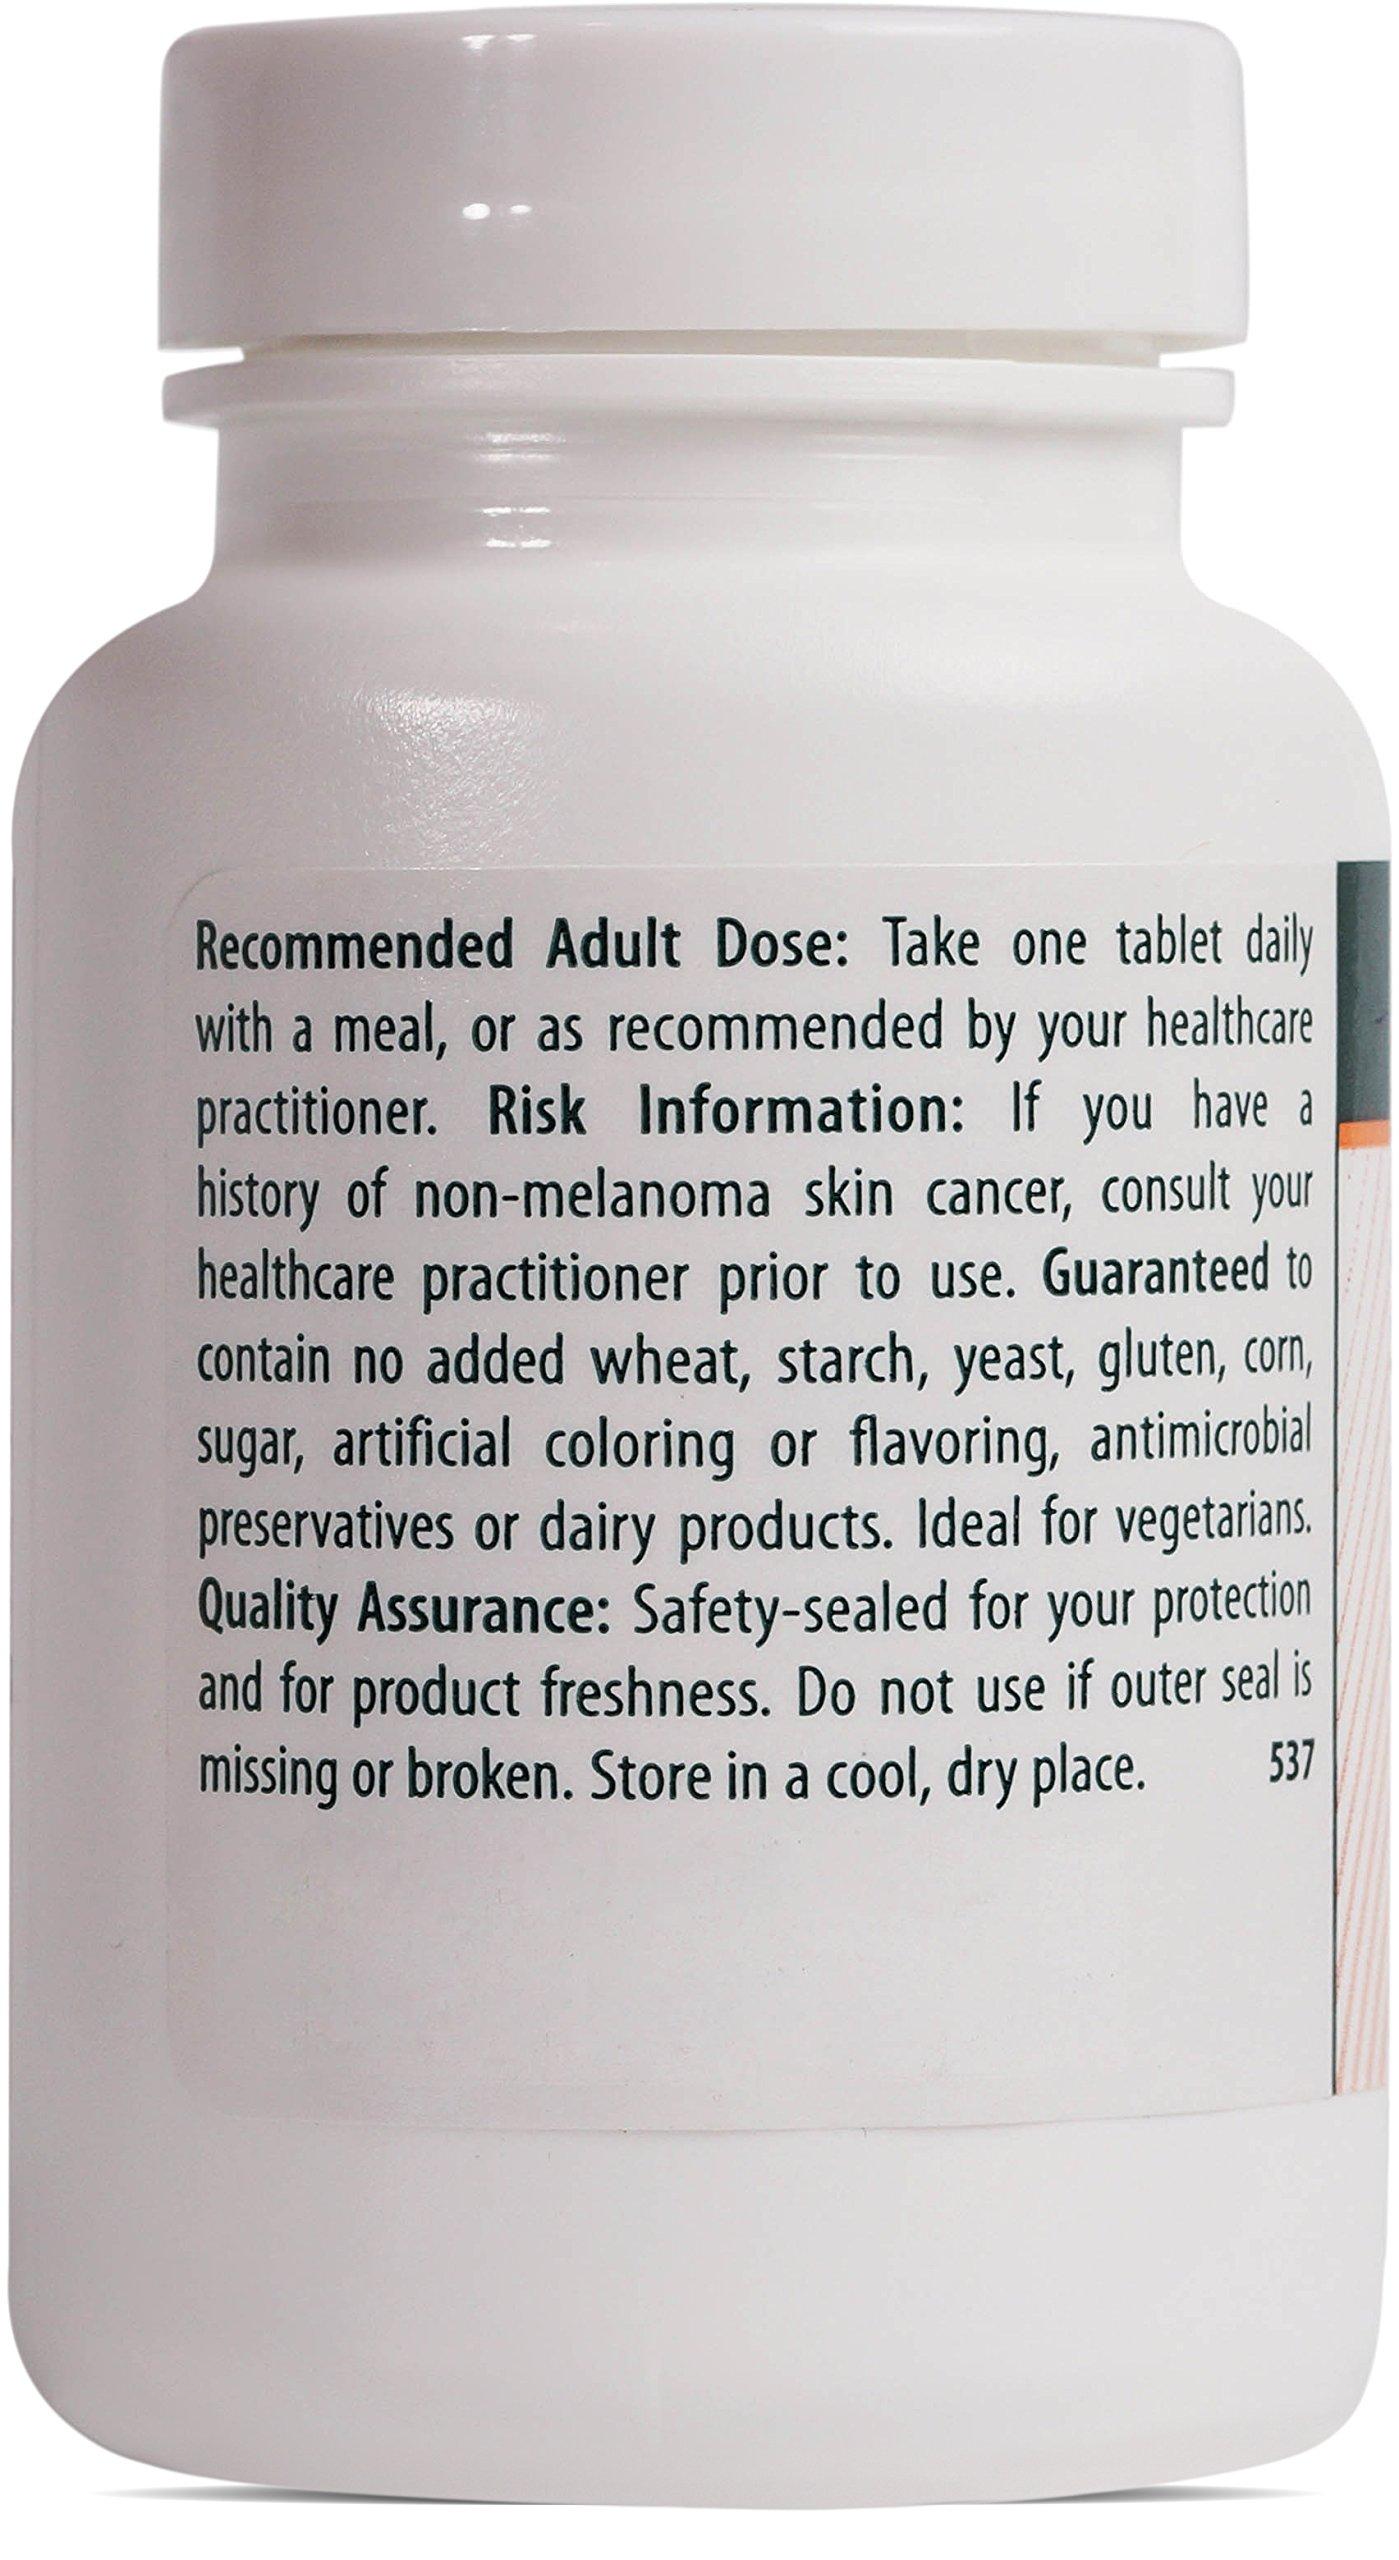 Genestra Brands - Selenium + E - Helps Prevent Cellular Free Radical Damage* - 60 Tablets by Genestra Brands (Image #3)